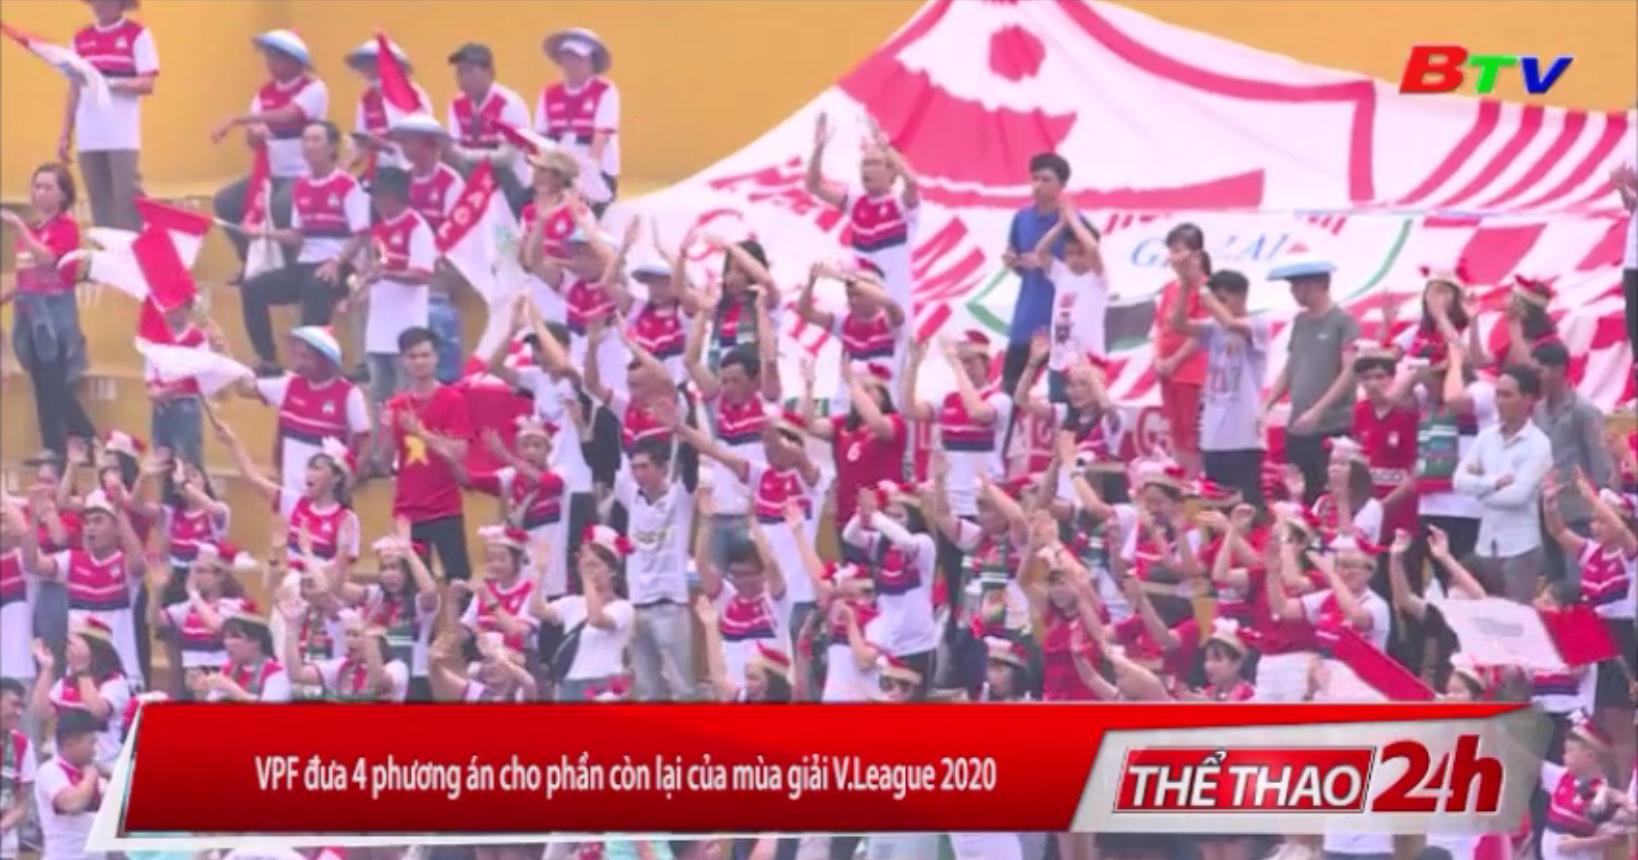 VPF đưa 4 phương án cho phần còn lại của mùa giải V-League 2020